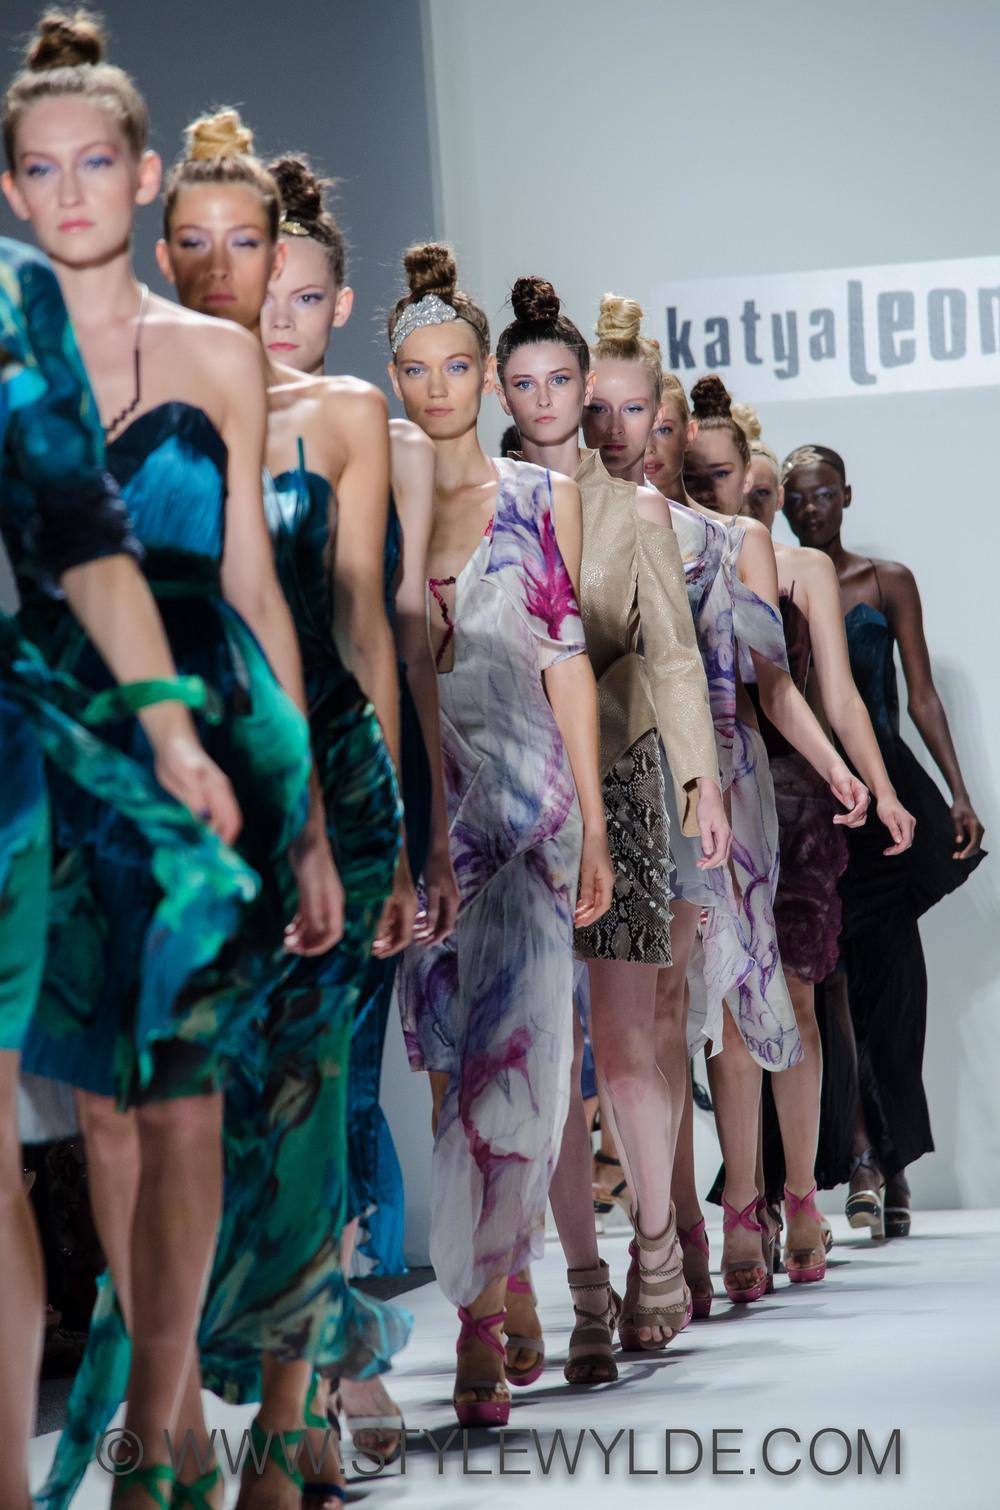 StyleWylde_Katya_PreviewStorySS15 (10 of 10).jpg